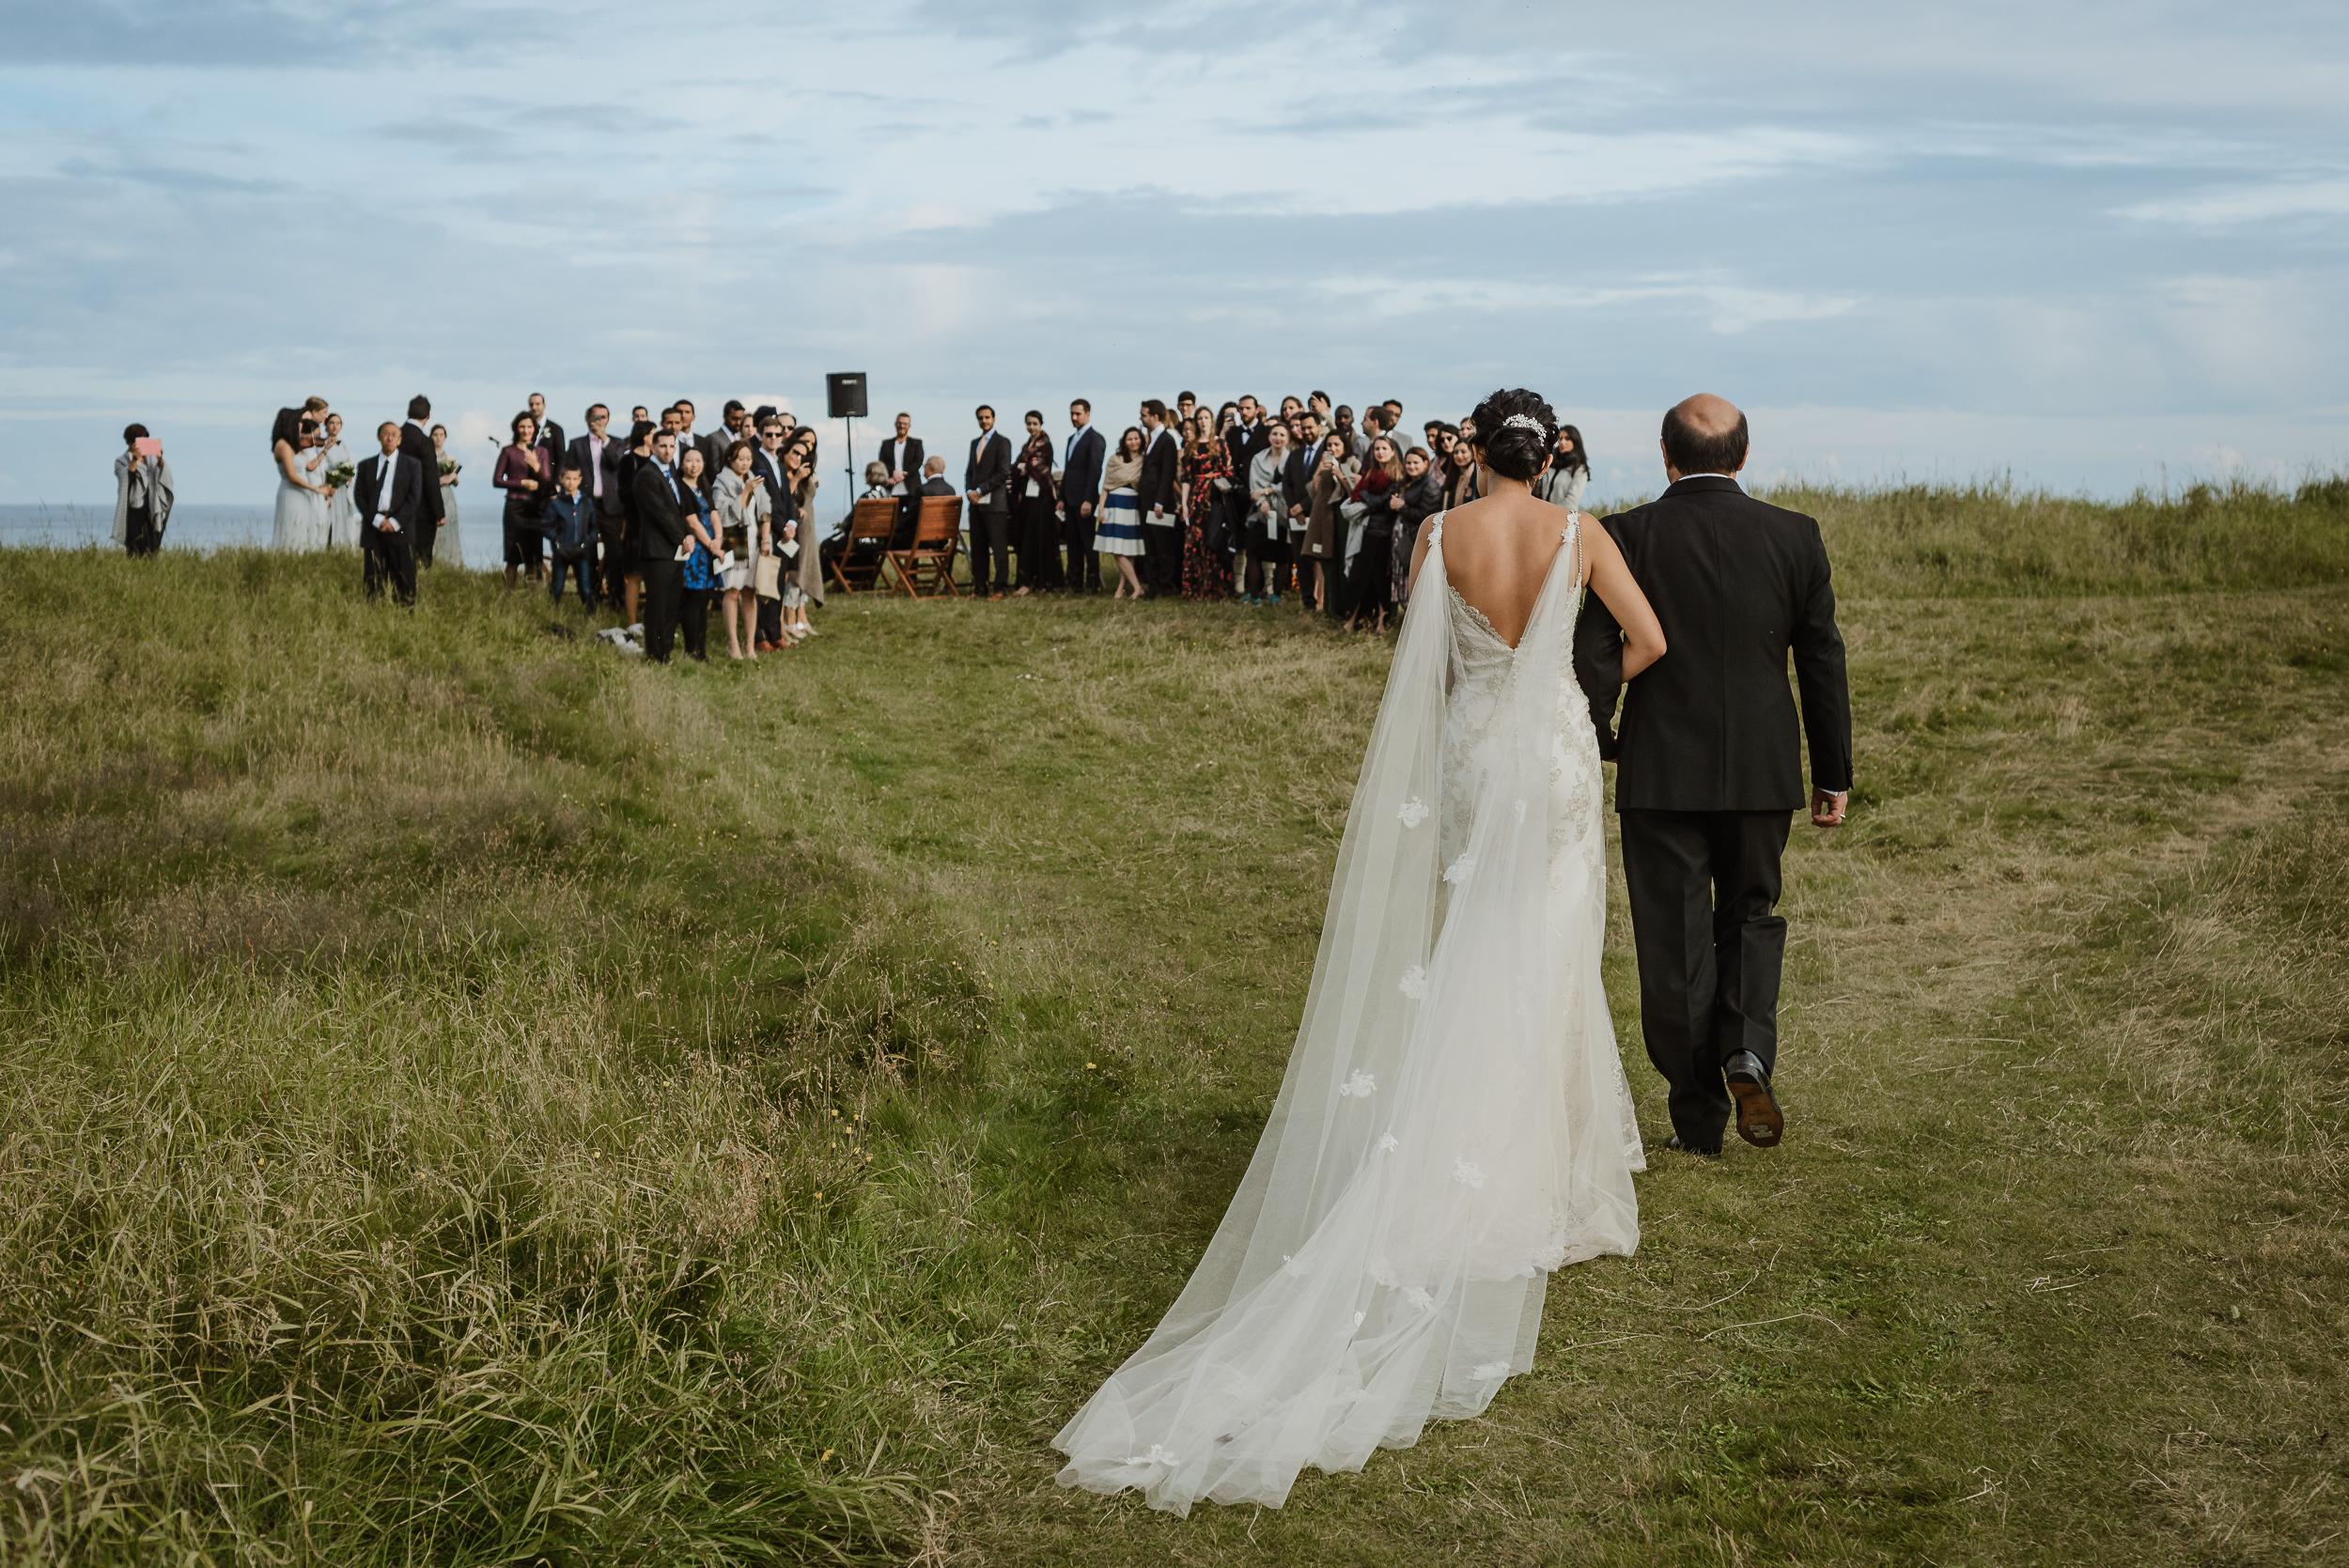 065-hotel-budir-iceland-destination-wedding-vivianchen-551.jpg